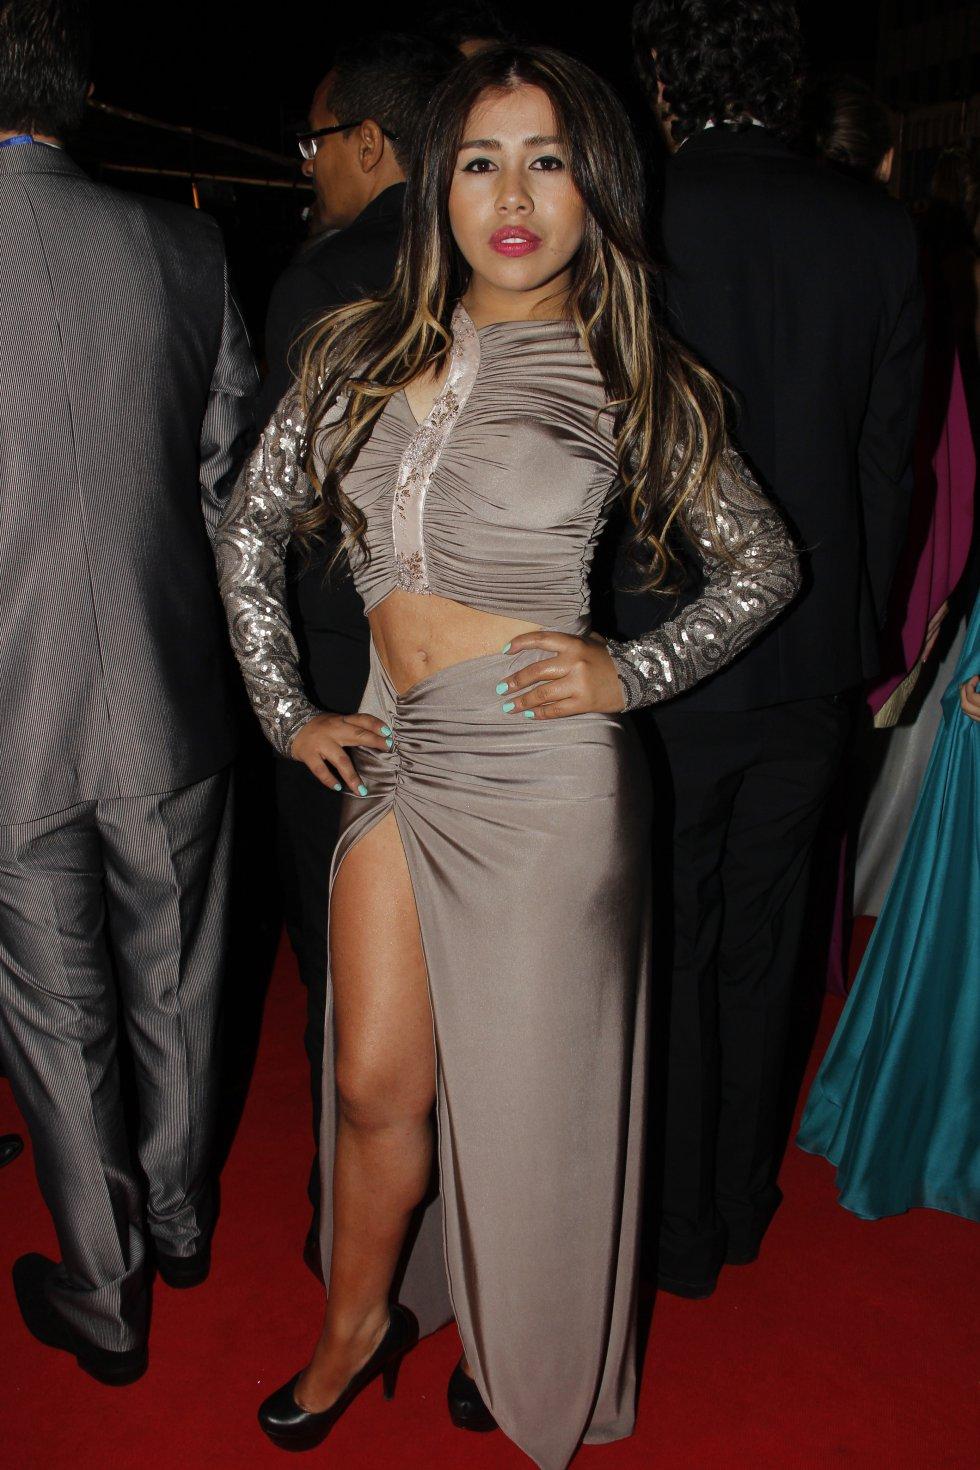 Yina Calderón. La ex Protagonista de Novela se realizó 7 procedimientos estéticos: una bichectomía, que reduce los pómulos; una operación de mentón; reducción de abdomen; adelgazamiento de brazos; diseño de sonrisa; implante de pelo.